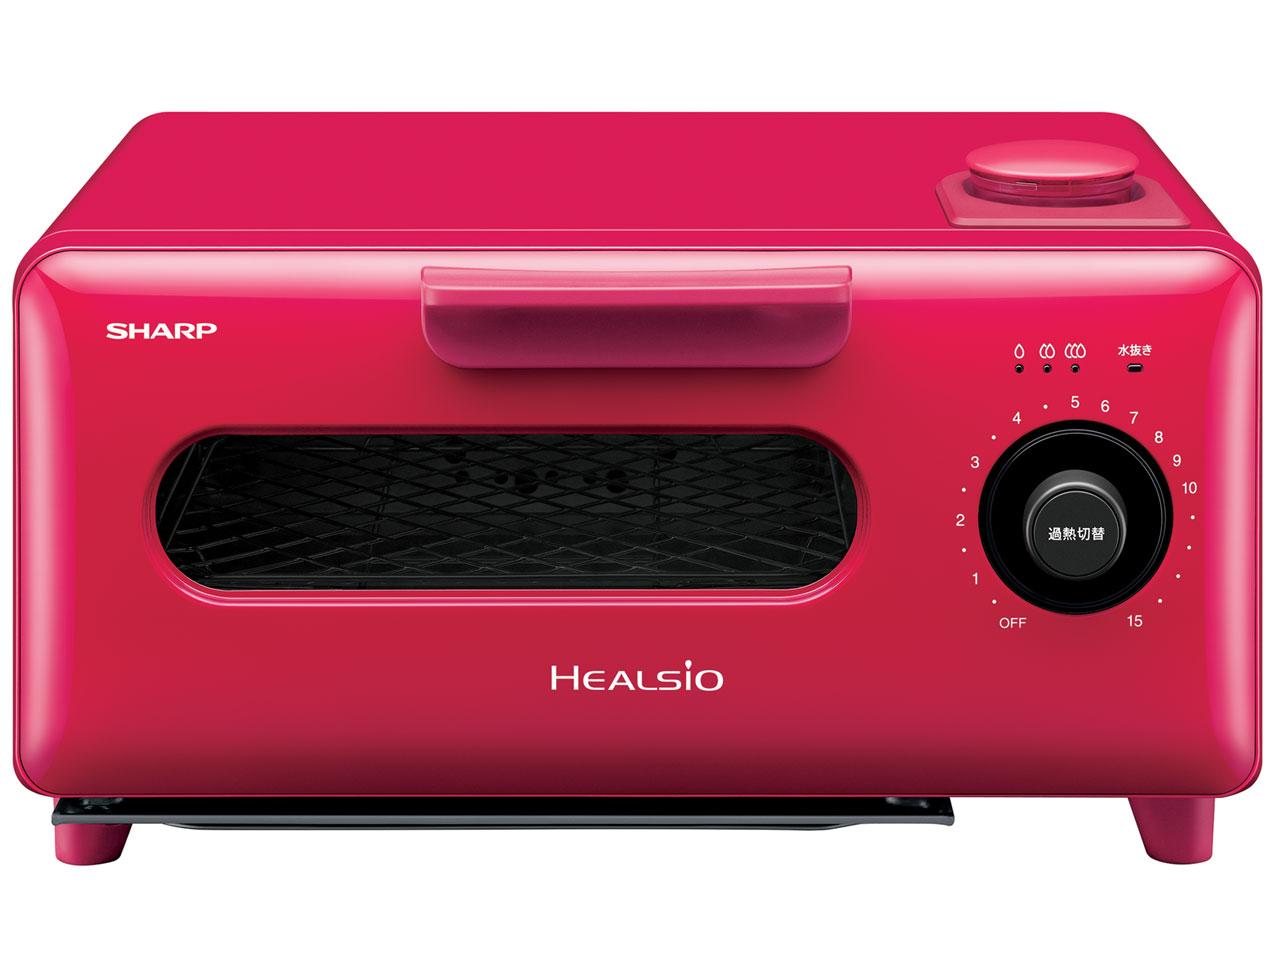 ヘルシオ グリエ AX-H1 の製品画像